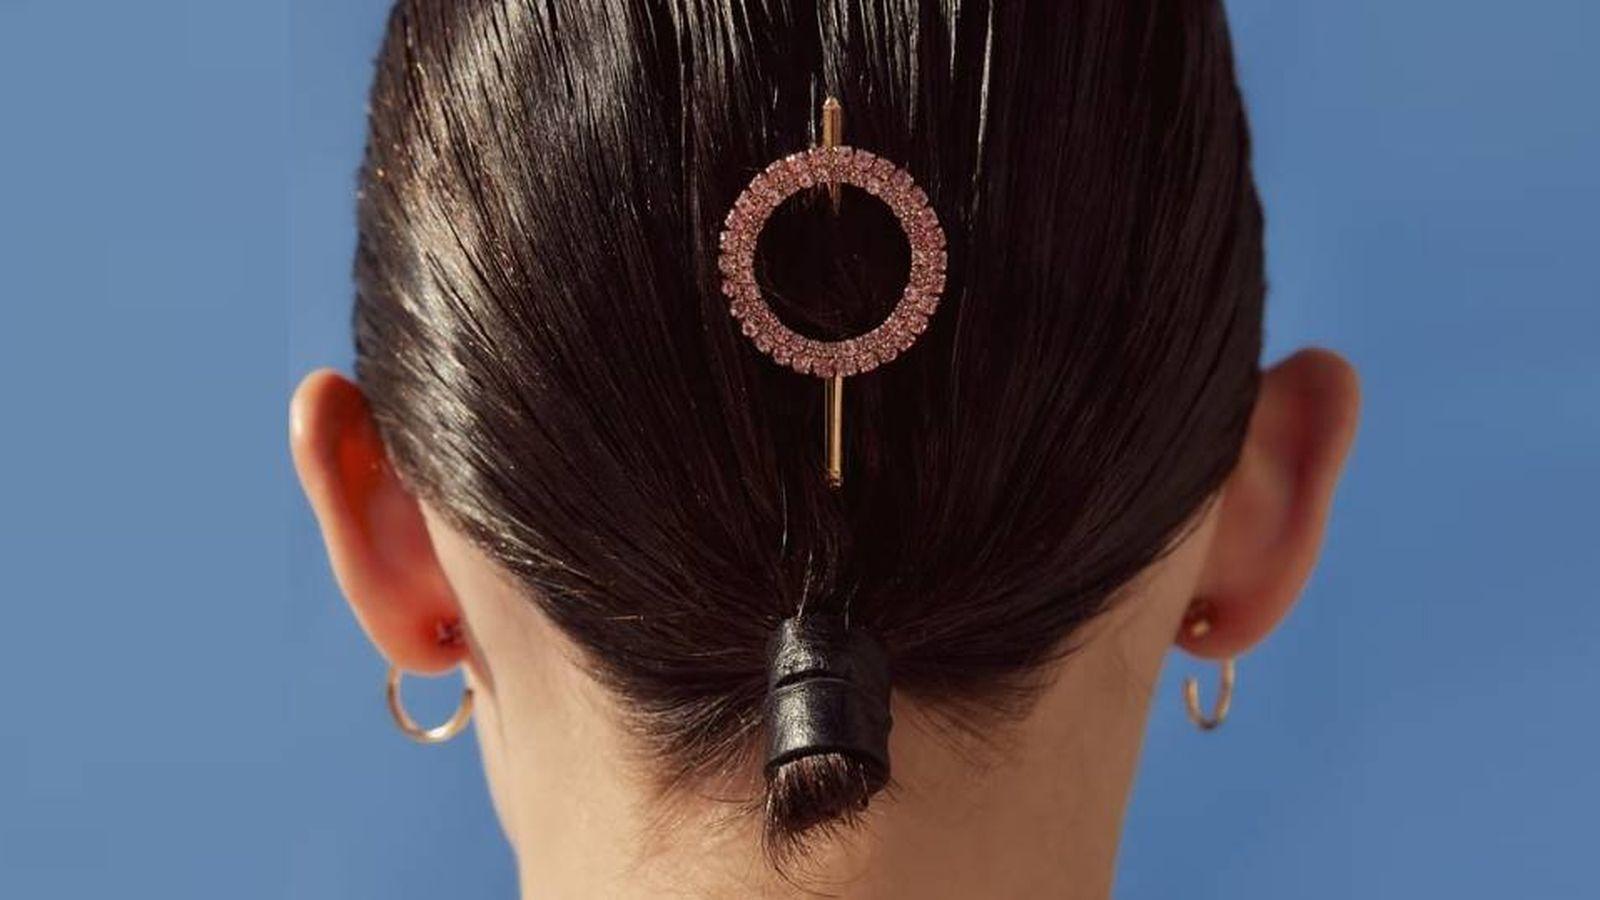 Foto: Imagen de campaña de Zara. (Cortesía de la marca)